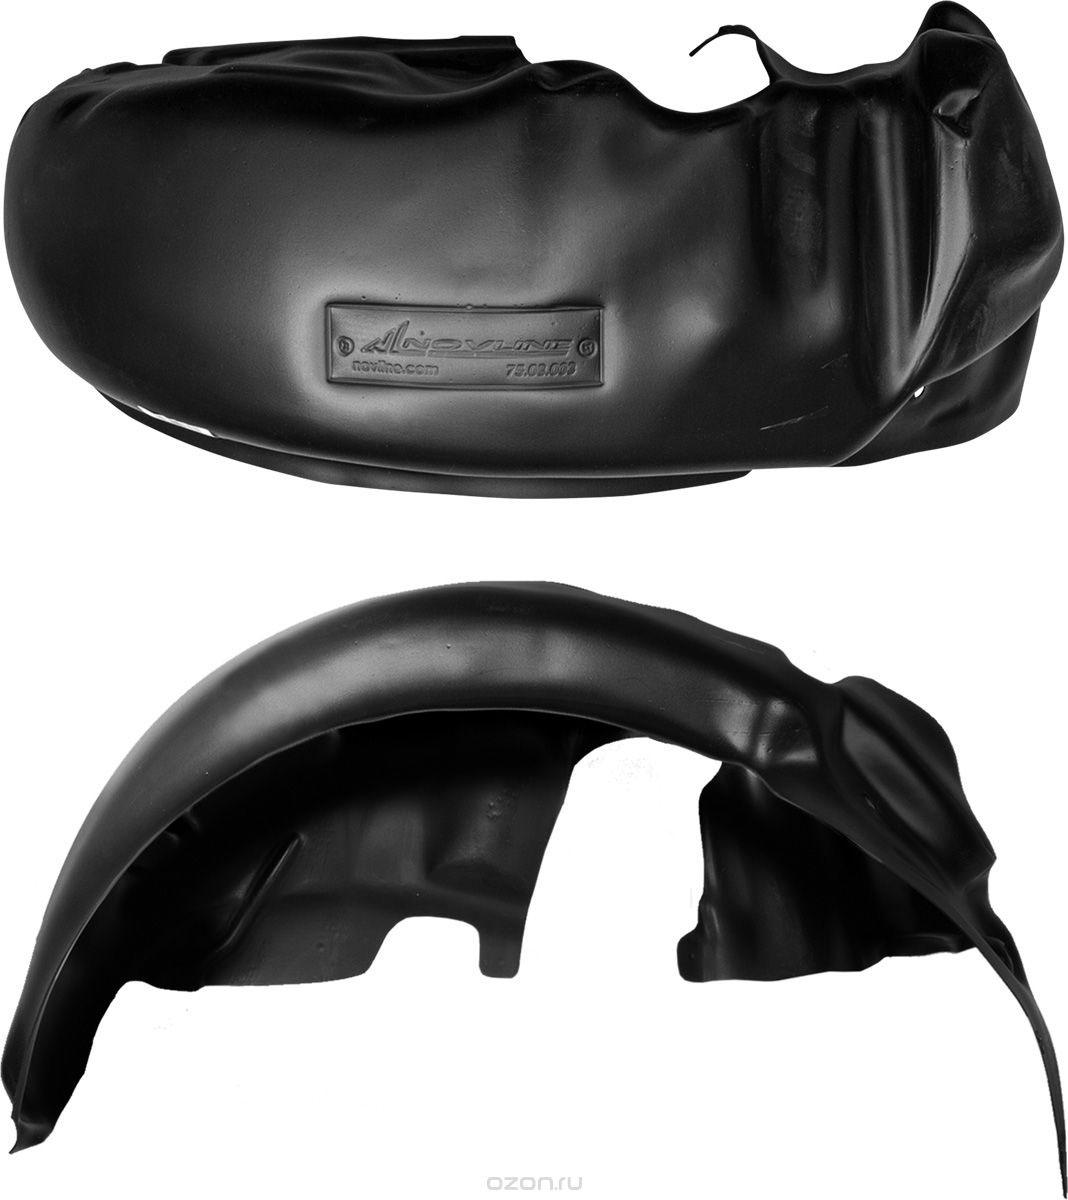 Подкрылок Novline-Autofamily, для Faw V5, 2013->, задний левыйNLL.62.14.003Идеальная защита колесной ниши. Локеры разработаны с применением цифровых технологий, гарантируют максимальную повторяемость поверхности арки. Изделия устанавливаются без нарушения лакокрасочного покрытия автомобиля, каждый подкрылок комплектуется крепежом. Уважаемые клиенты, обращаем ваше внимание, что фотографии на подкрылки универсальные и не отражают реальную форму изделия. При этом само изделие идет точно под размер указанного автомобиля.